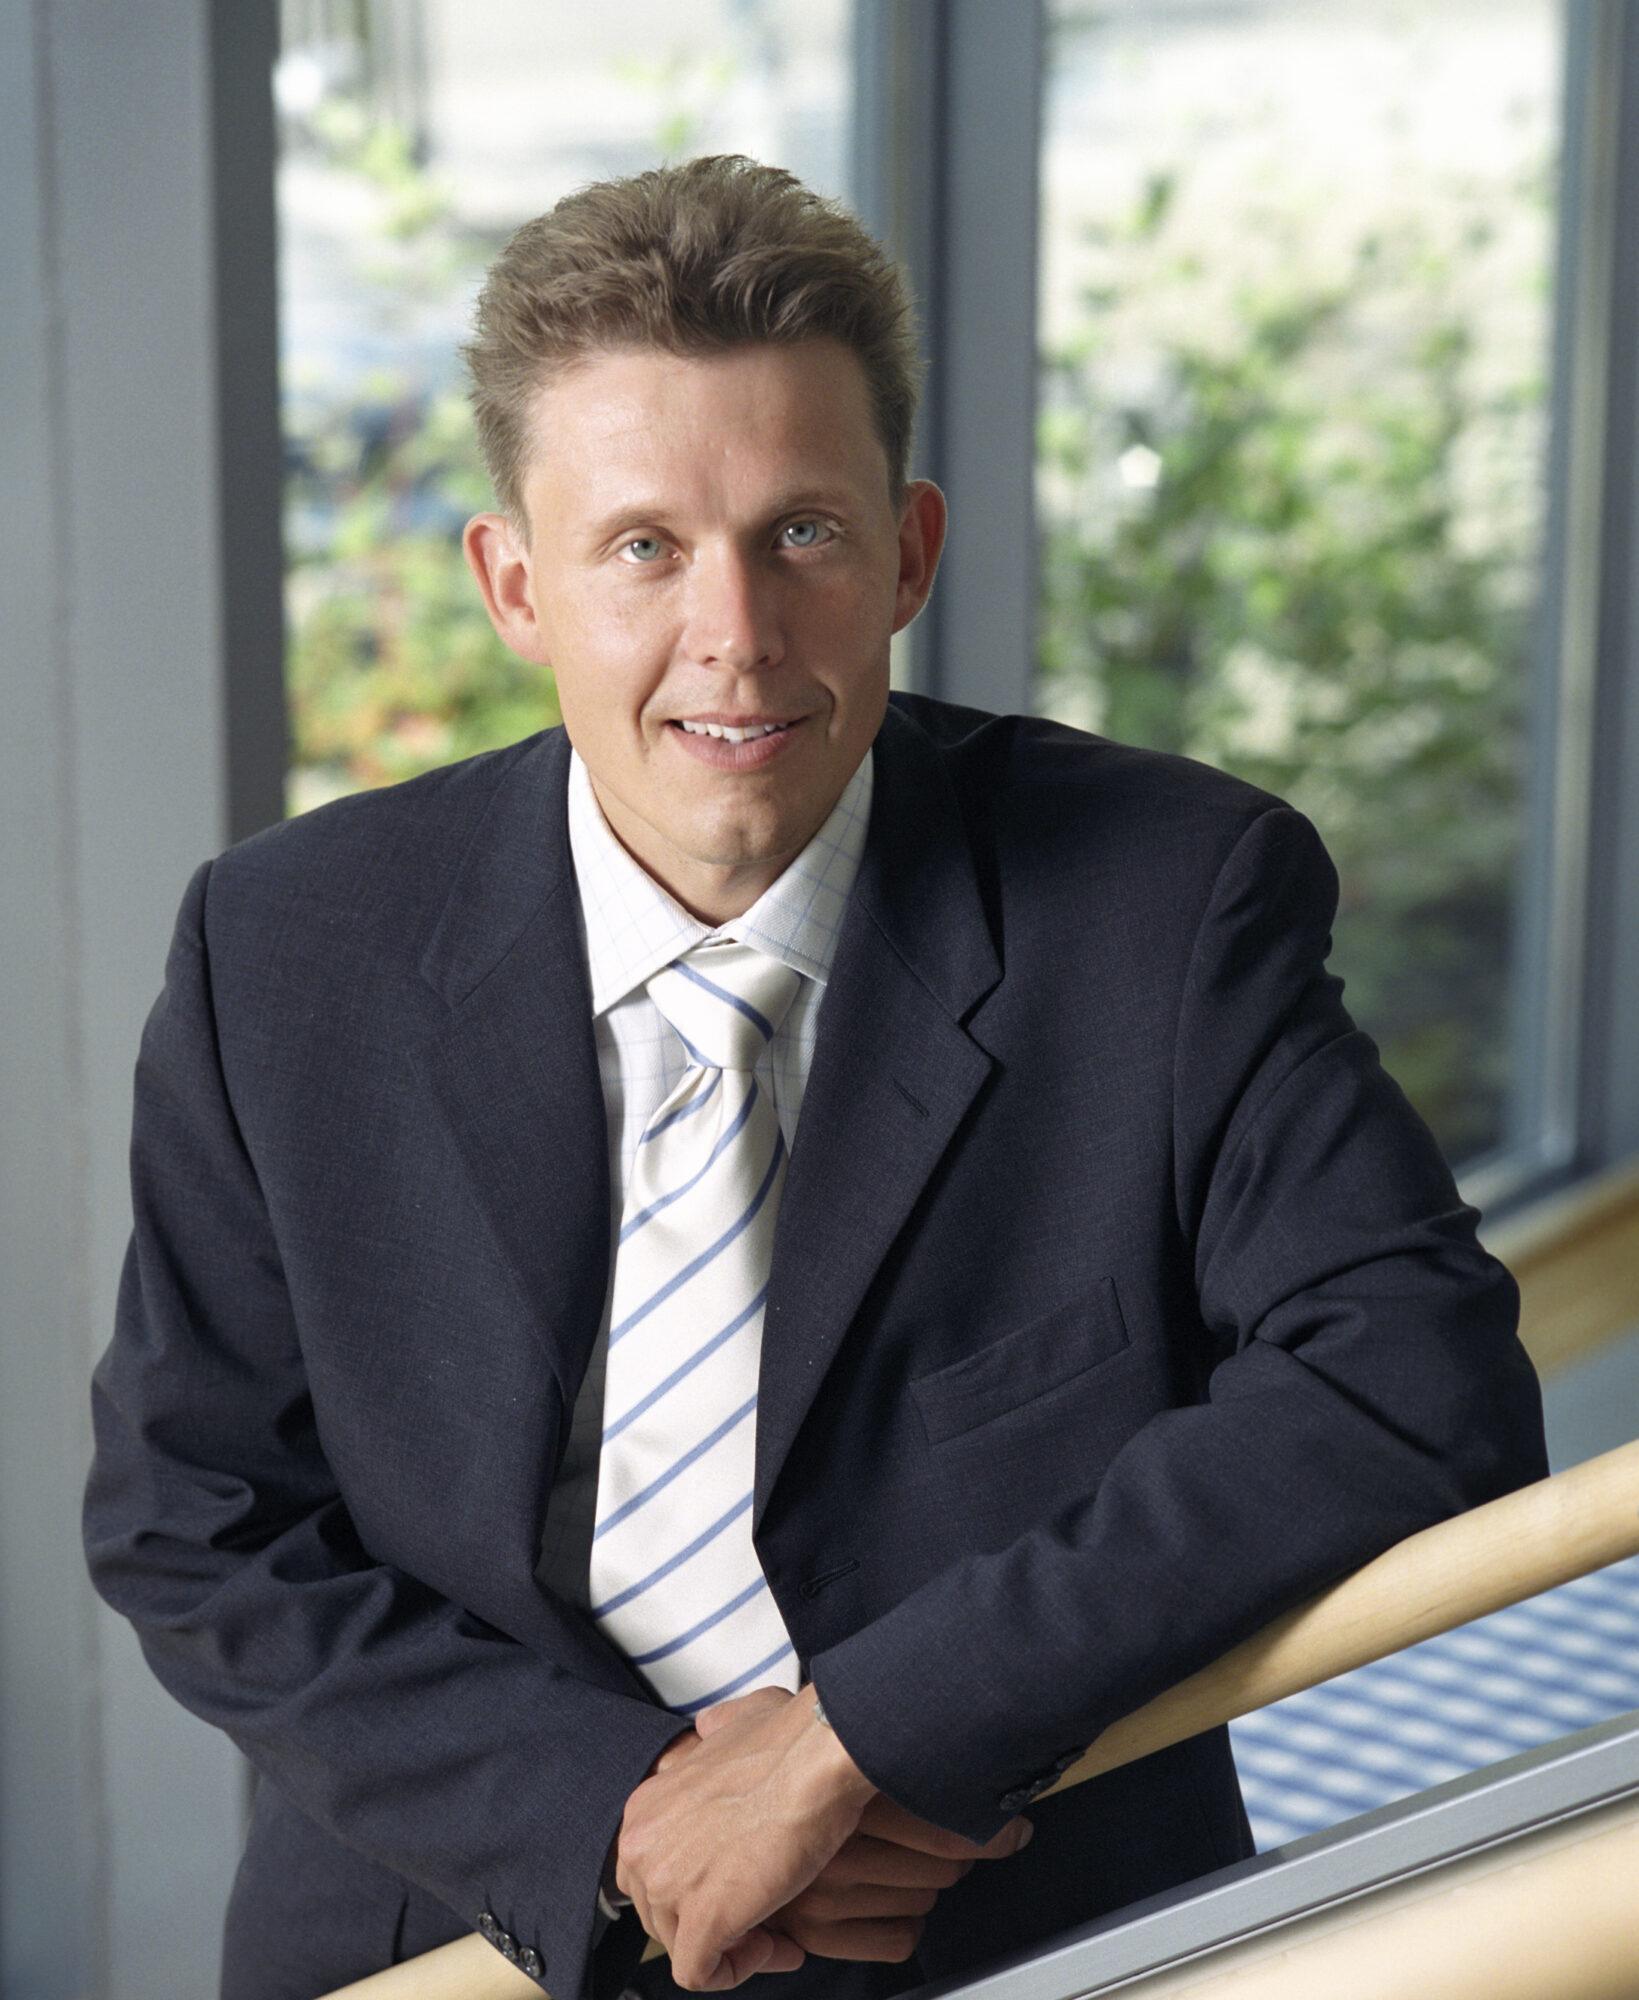 Dustin utnämnt till Dell European Partner of the Year 2015 och Partner of the Year Sweden